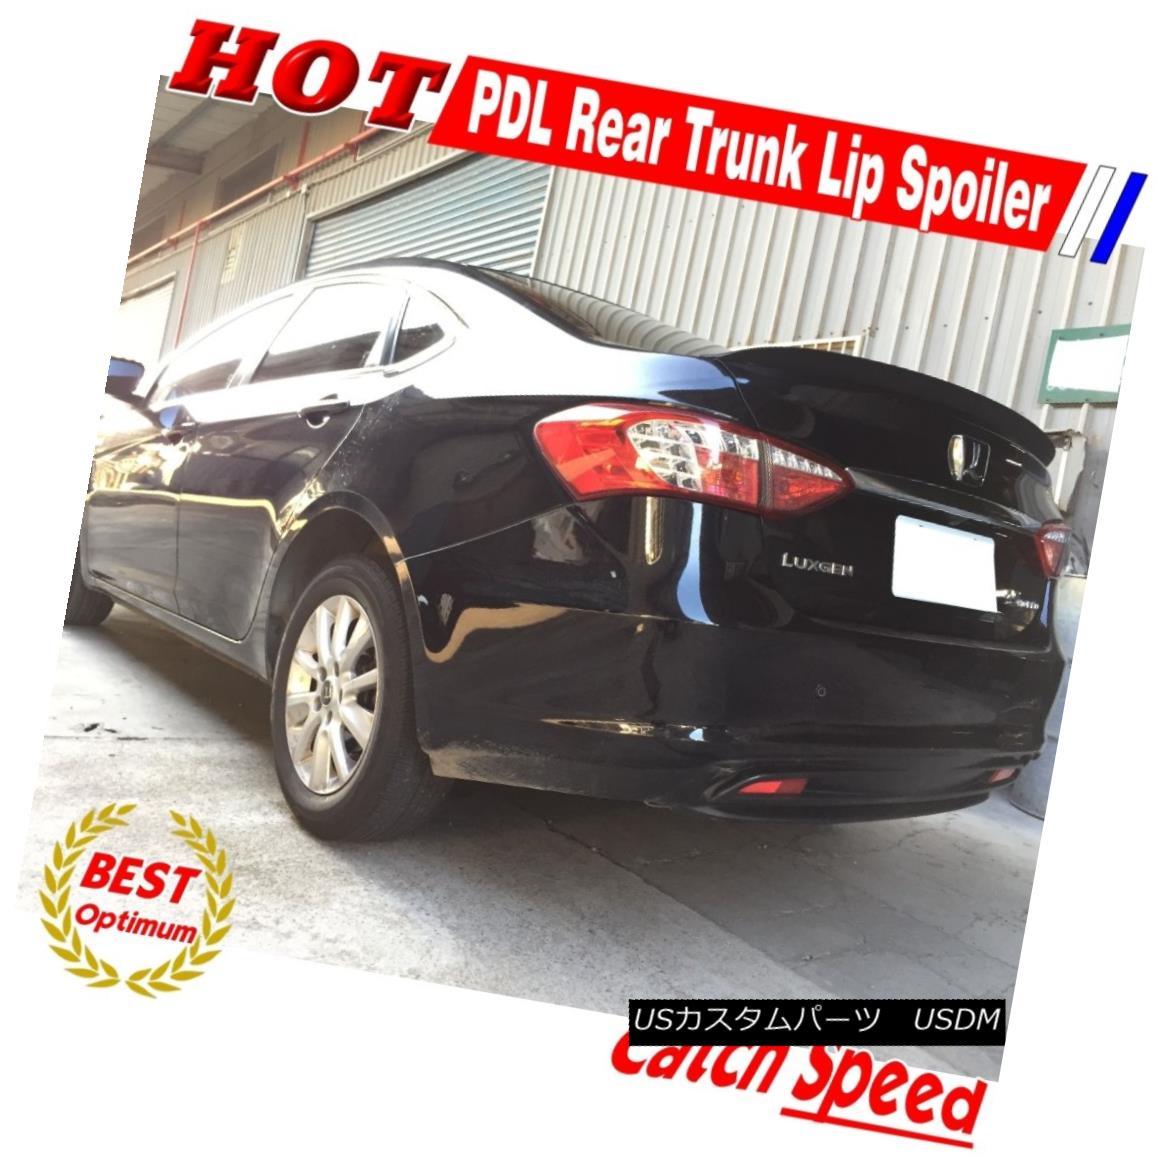 エアロパーツ Flat Black P Type Rear Trunk Lip Spoiler Wing For Audi A6 C6 Sedan 2010~2011 Audi A6 C6セダン用フラットブラックPタイプリアトランクリップスポイラーウイング2010?2011